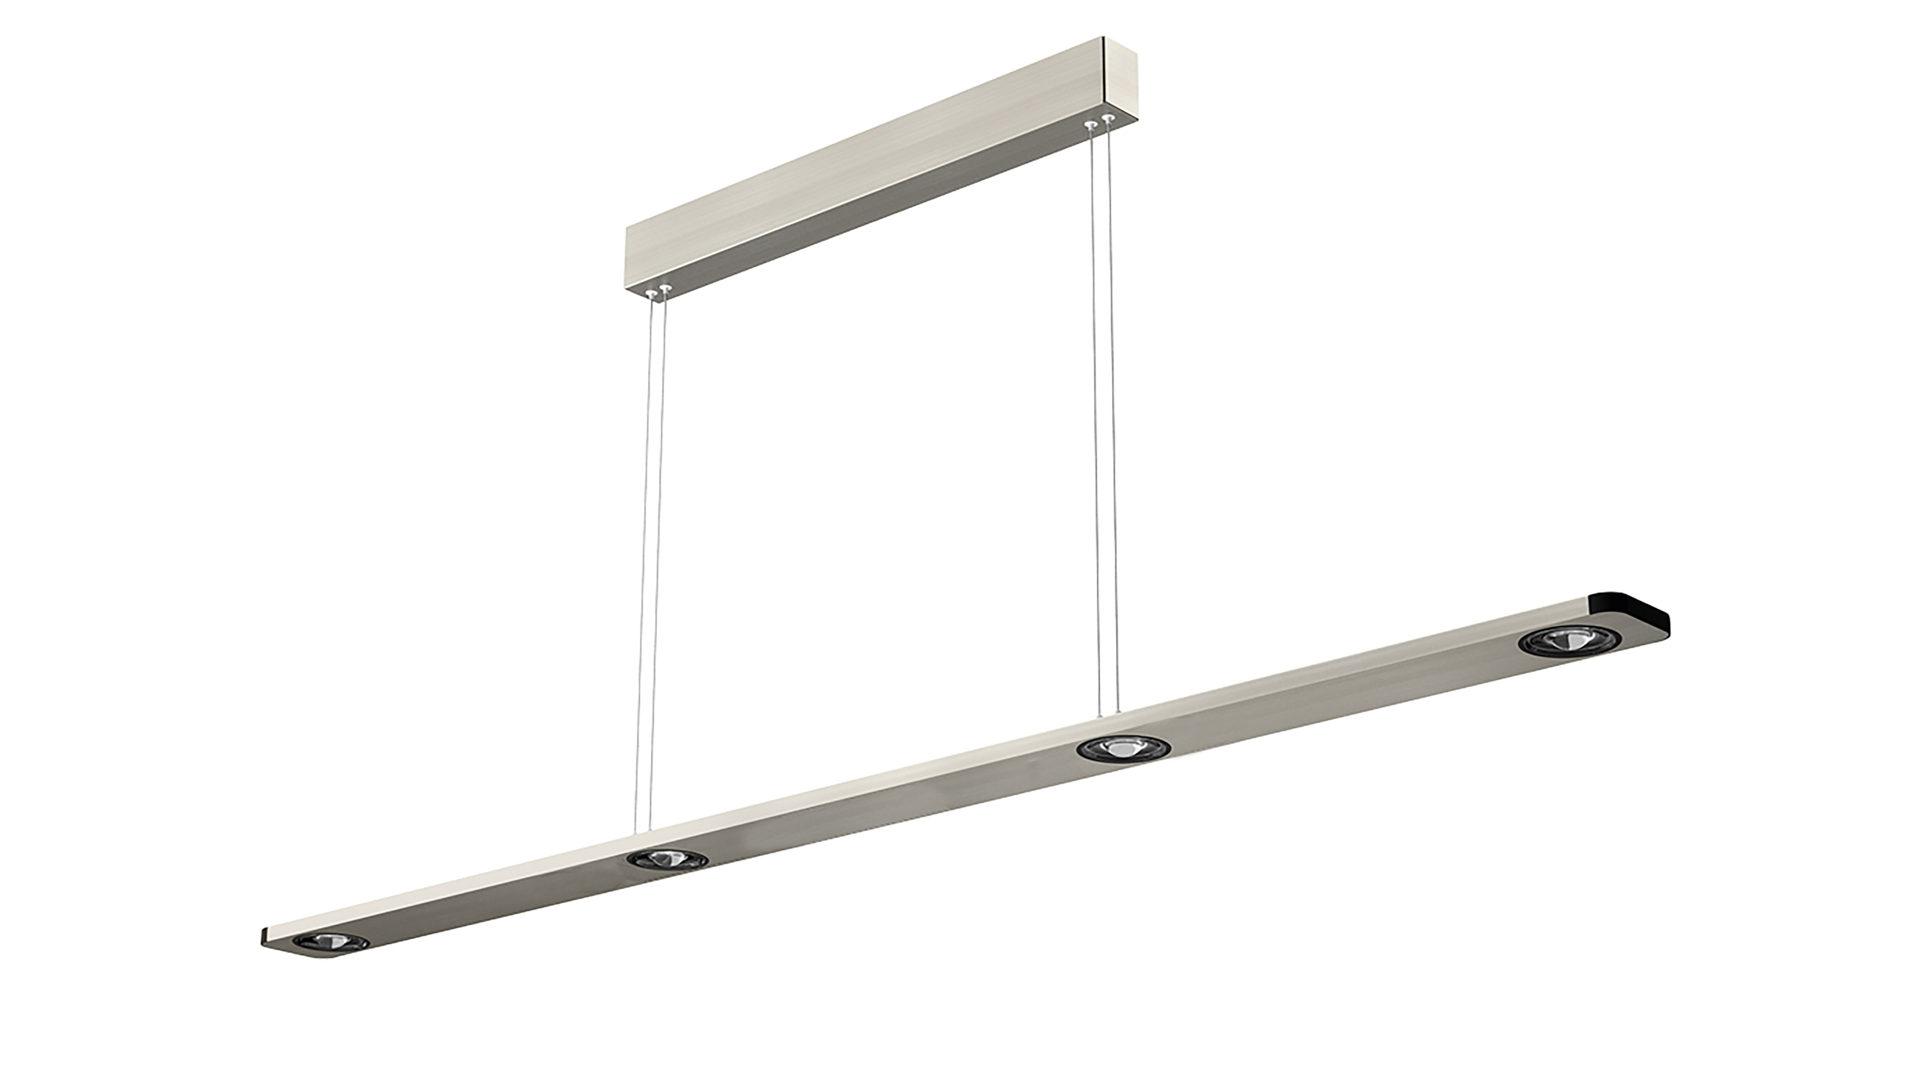 EVOTEC LED Pendelleuchte, Aluminium U0026 Nickel Gebürstet   Ca. 110 Cm Lang,  Bad Homburg Bei Frankfurt